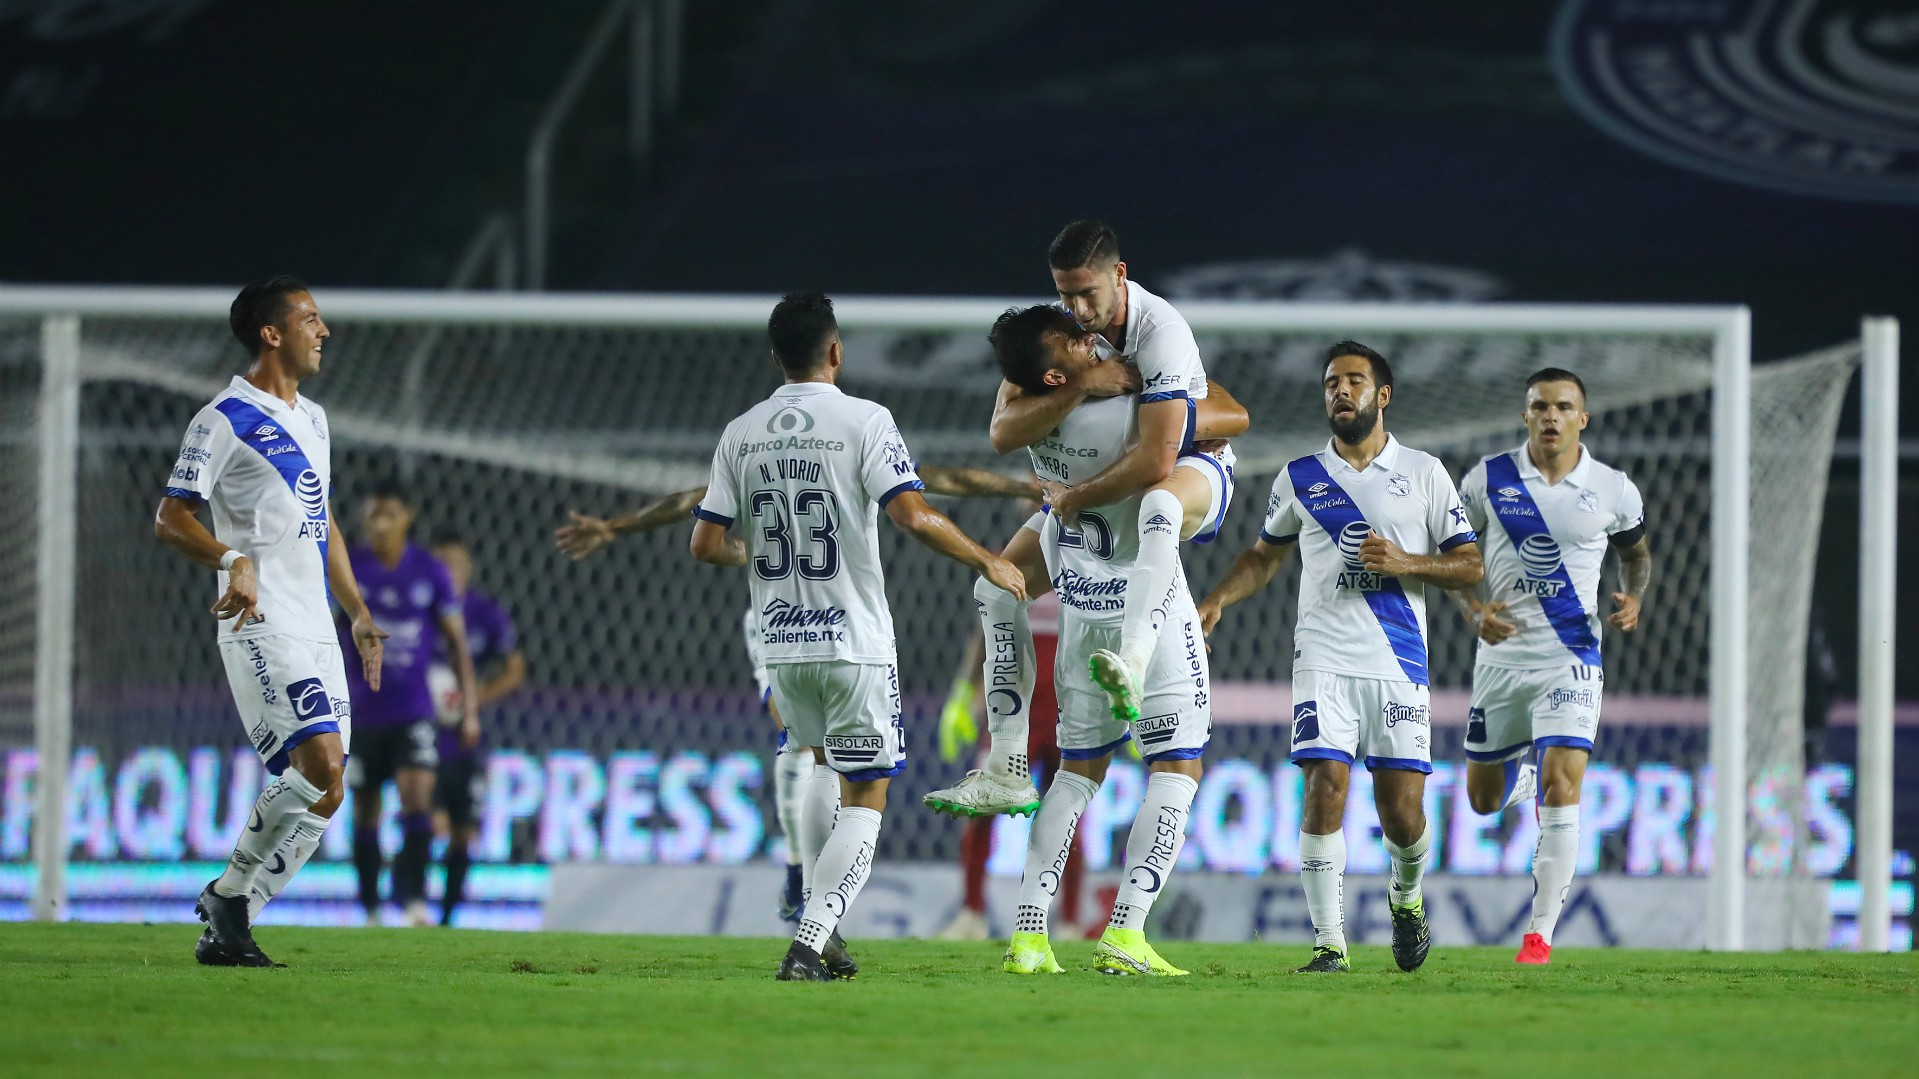 Guardianes 2020: Goles de Mazatlán 1-4 Puebla, resultado, resumen y videos    Goal.com